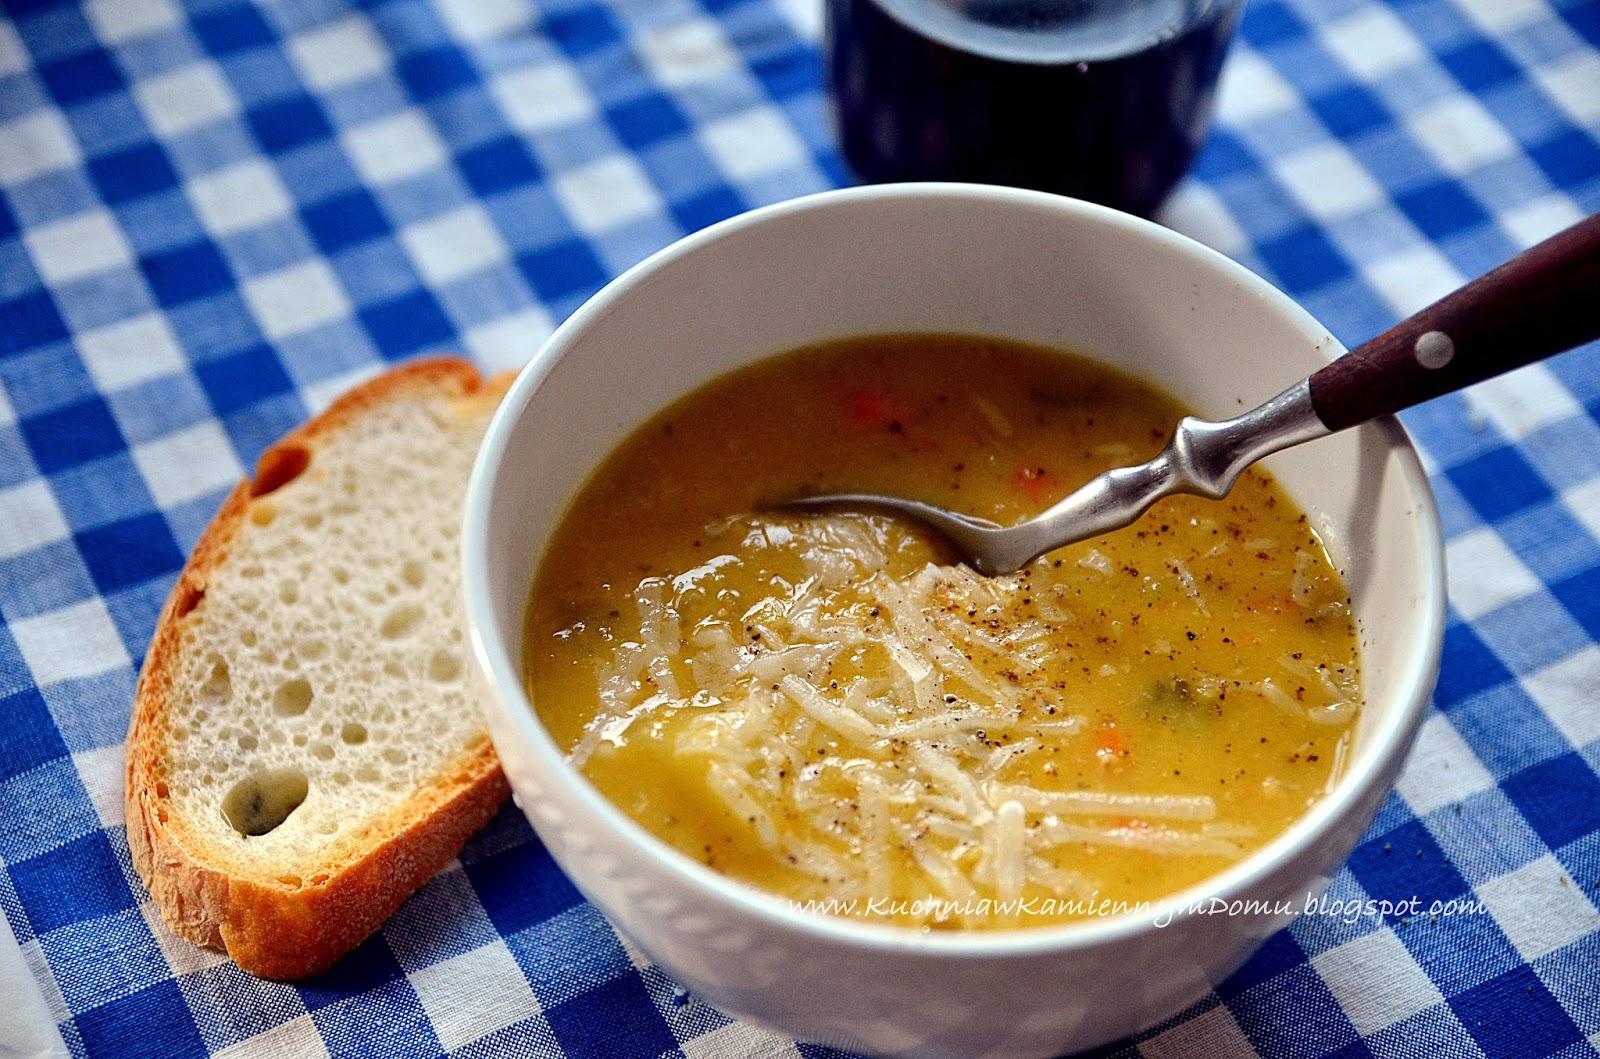 Kuchnia W Kamiennym Domu Zupa Z Czerwonej Soczewicy Z Kapusta Wloska